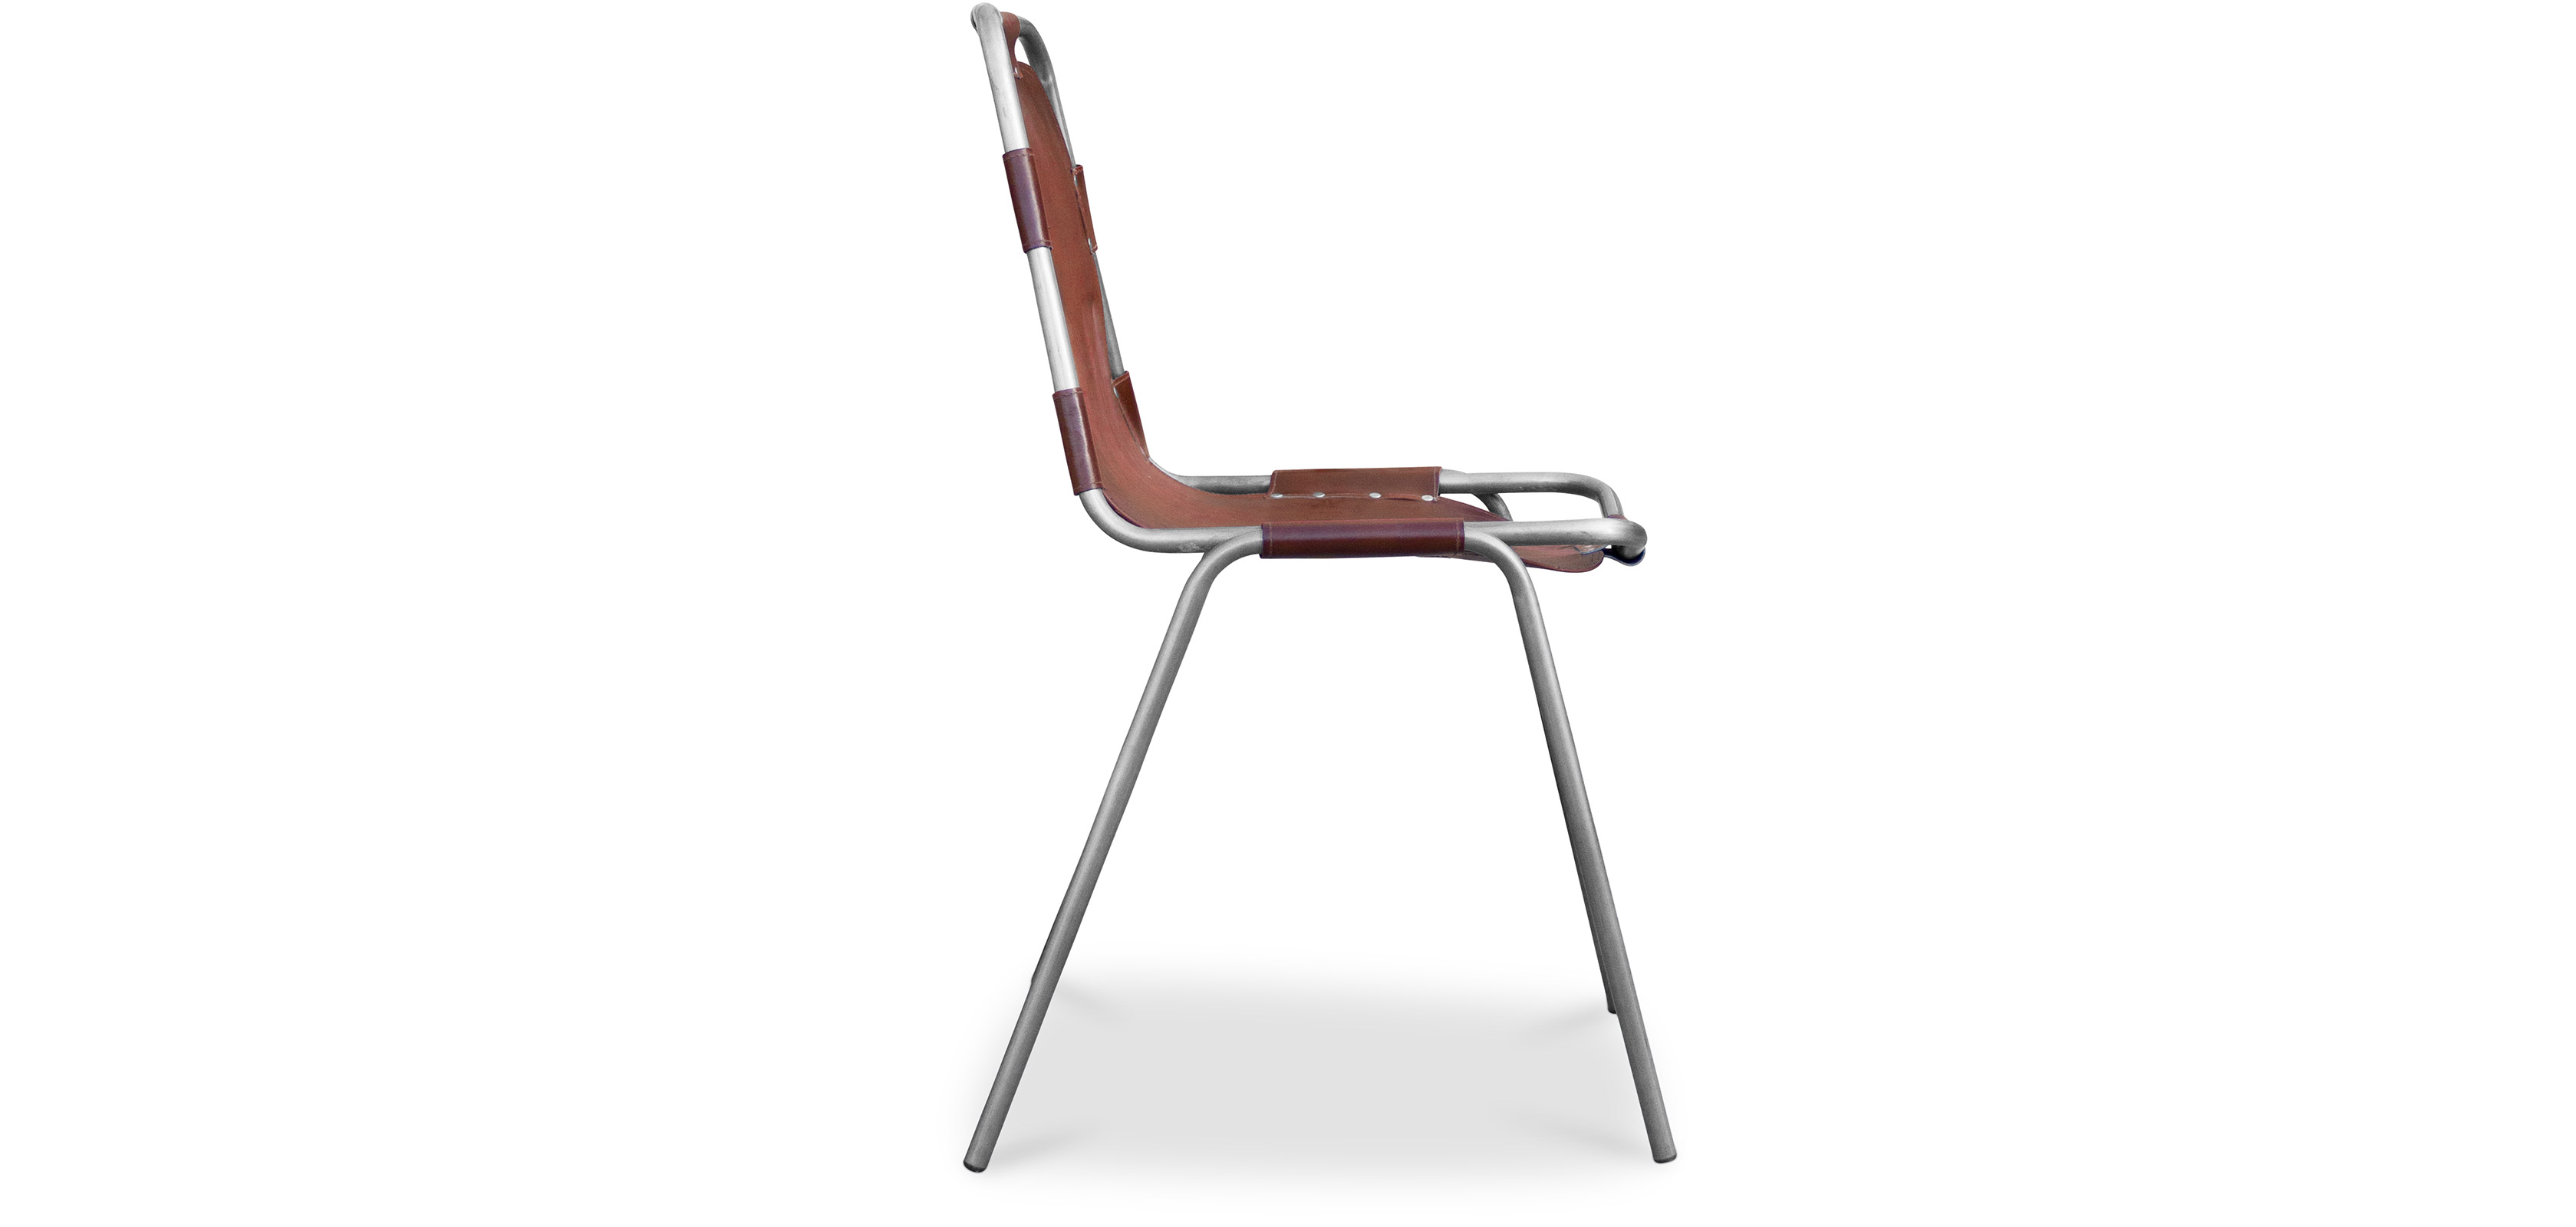 Sedia design industriale vintage acciaio e pelle premium for Sedia design usata